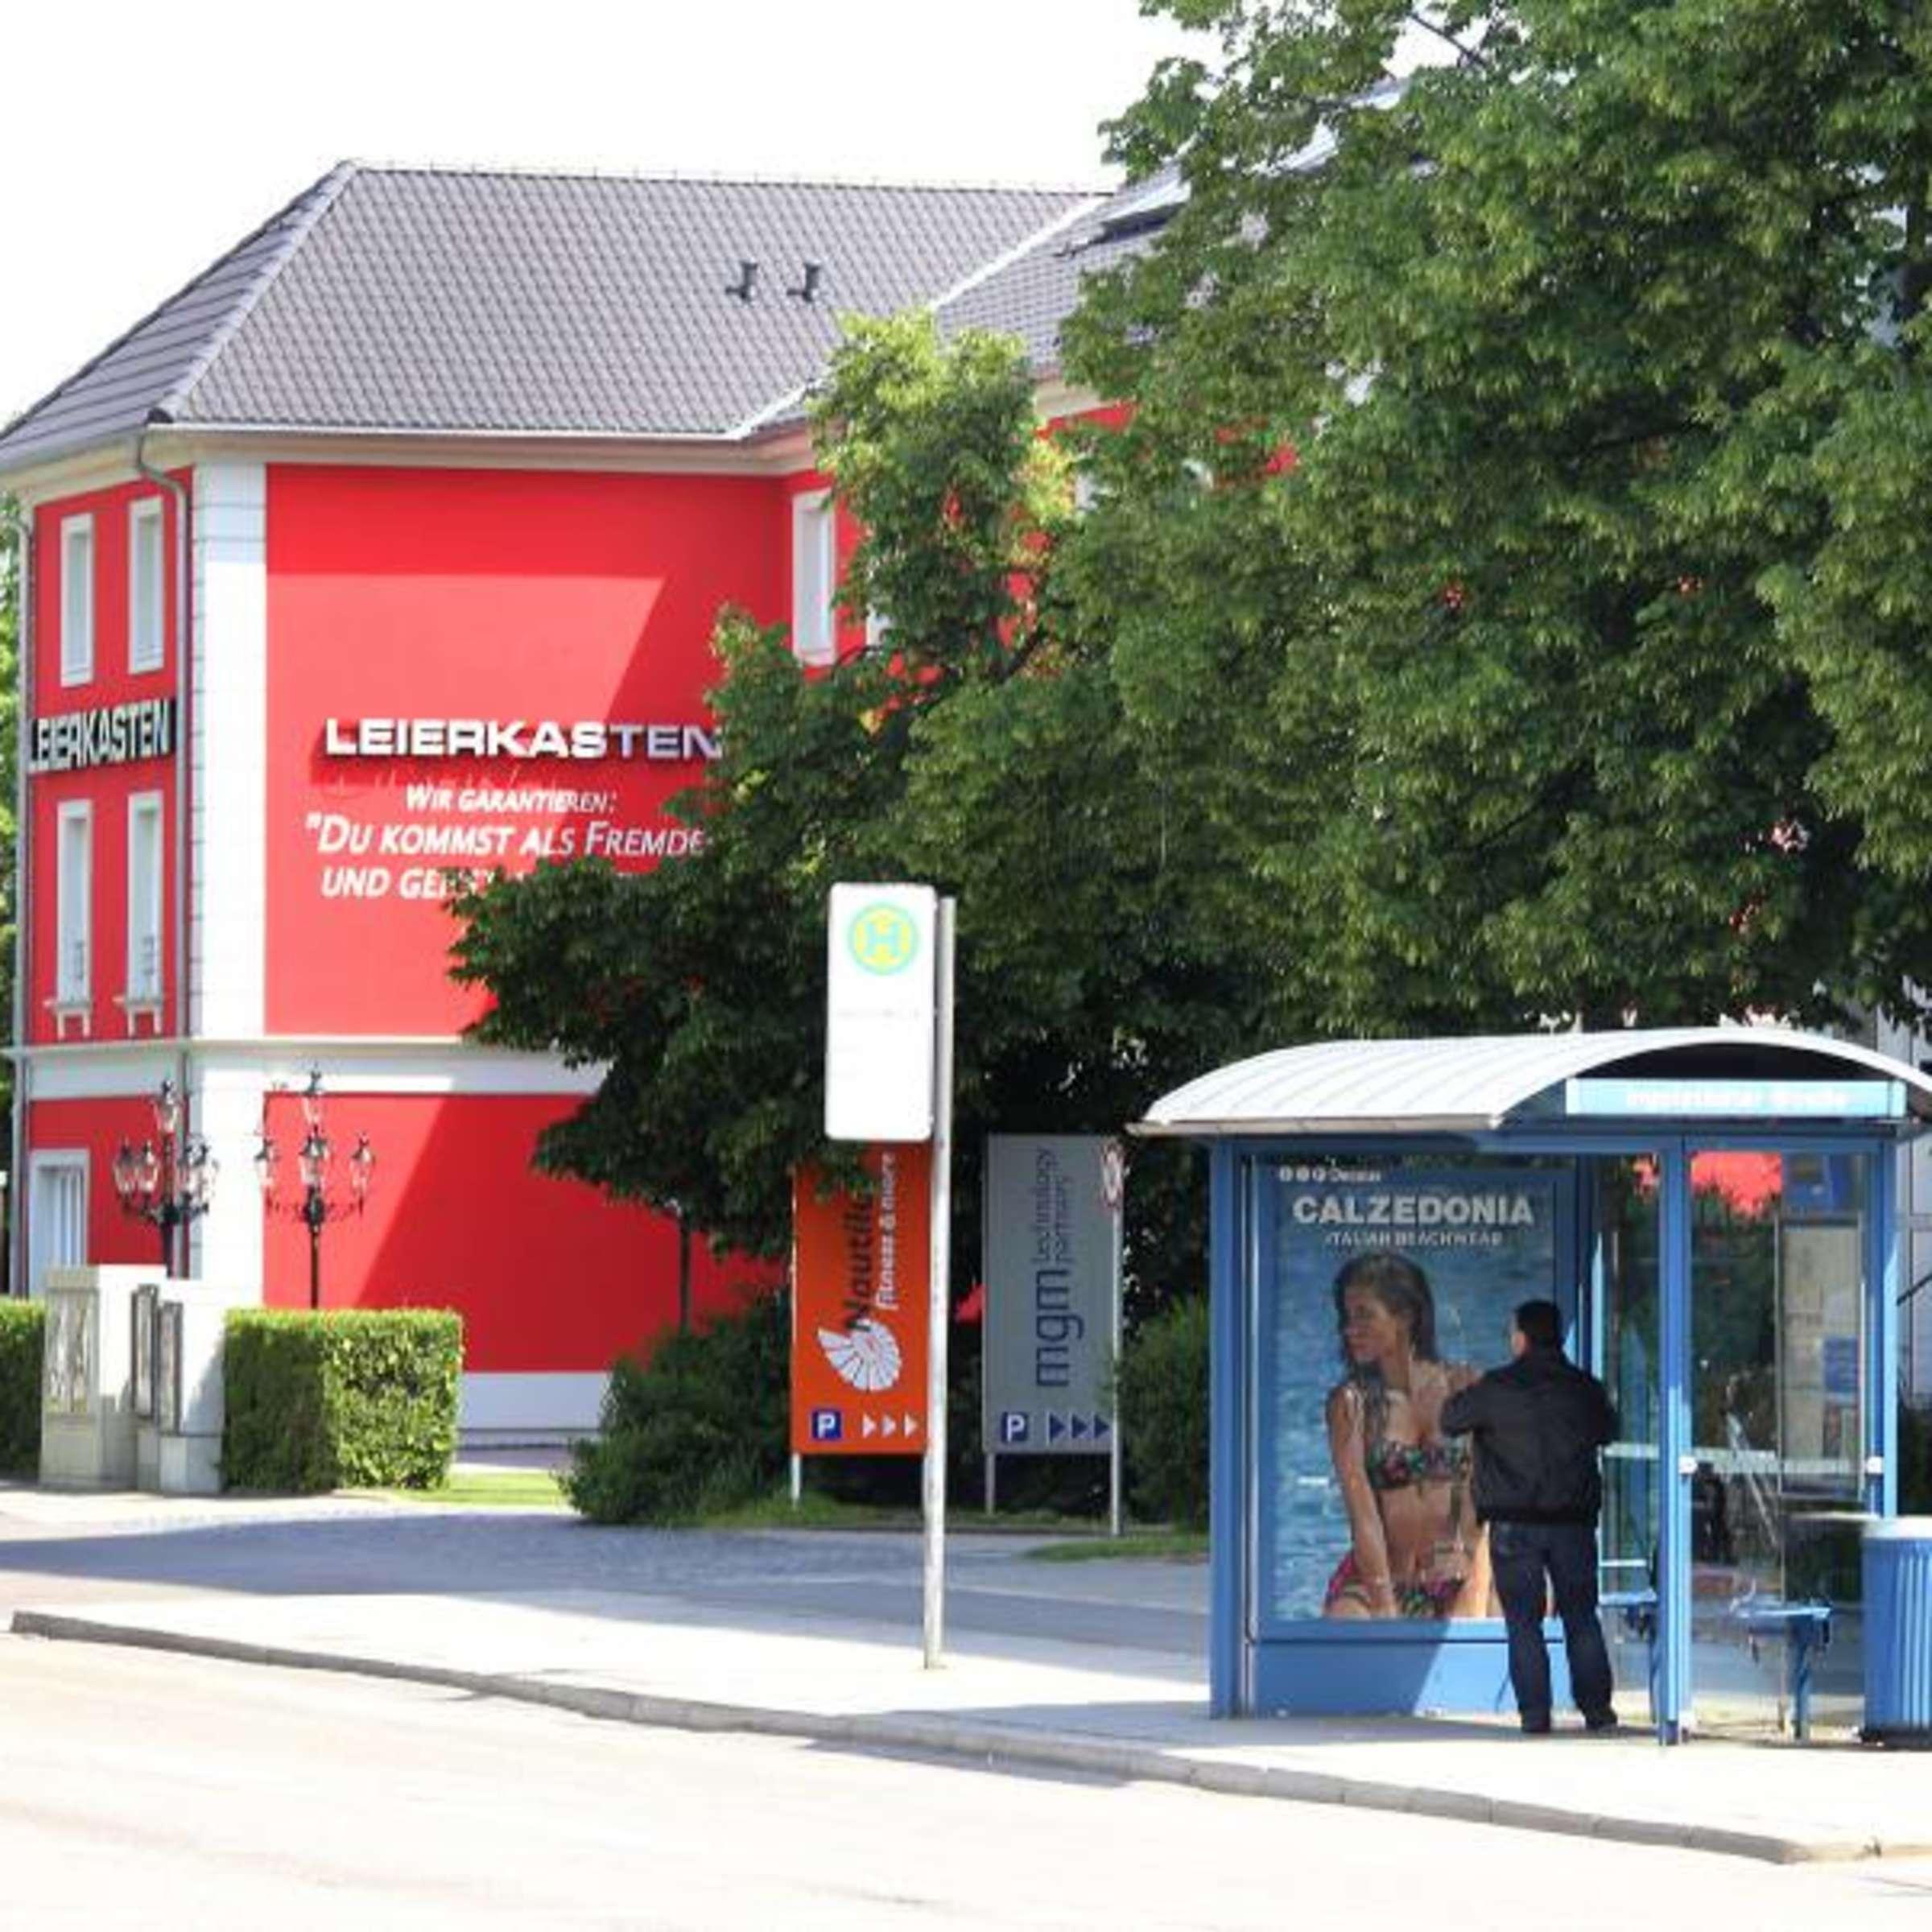 Muenchen leierkasten München: Schlangestehen